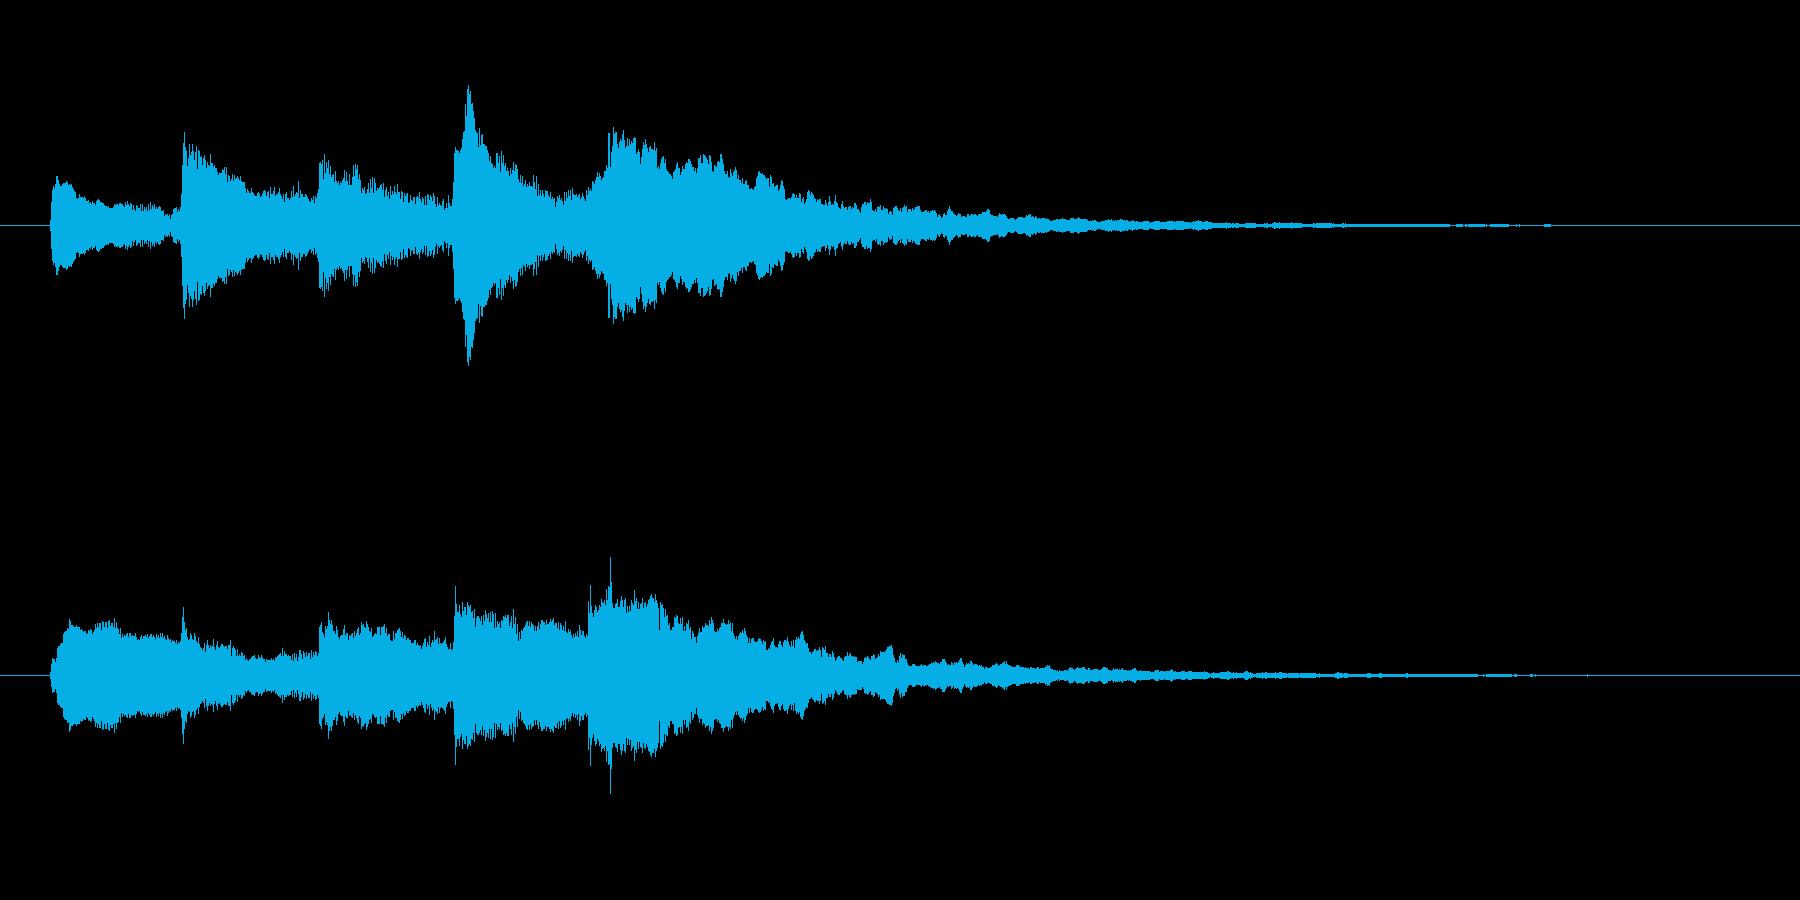 サウンドロゴ 成功 優しい イメージの再生済みの波形